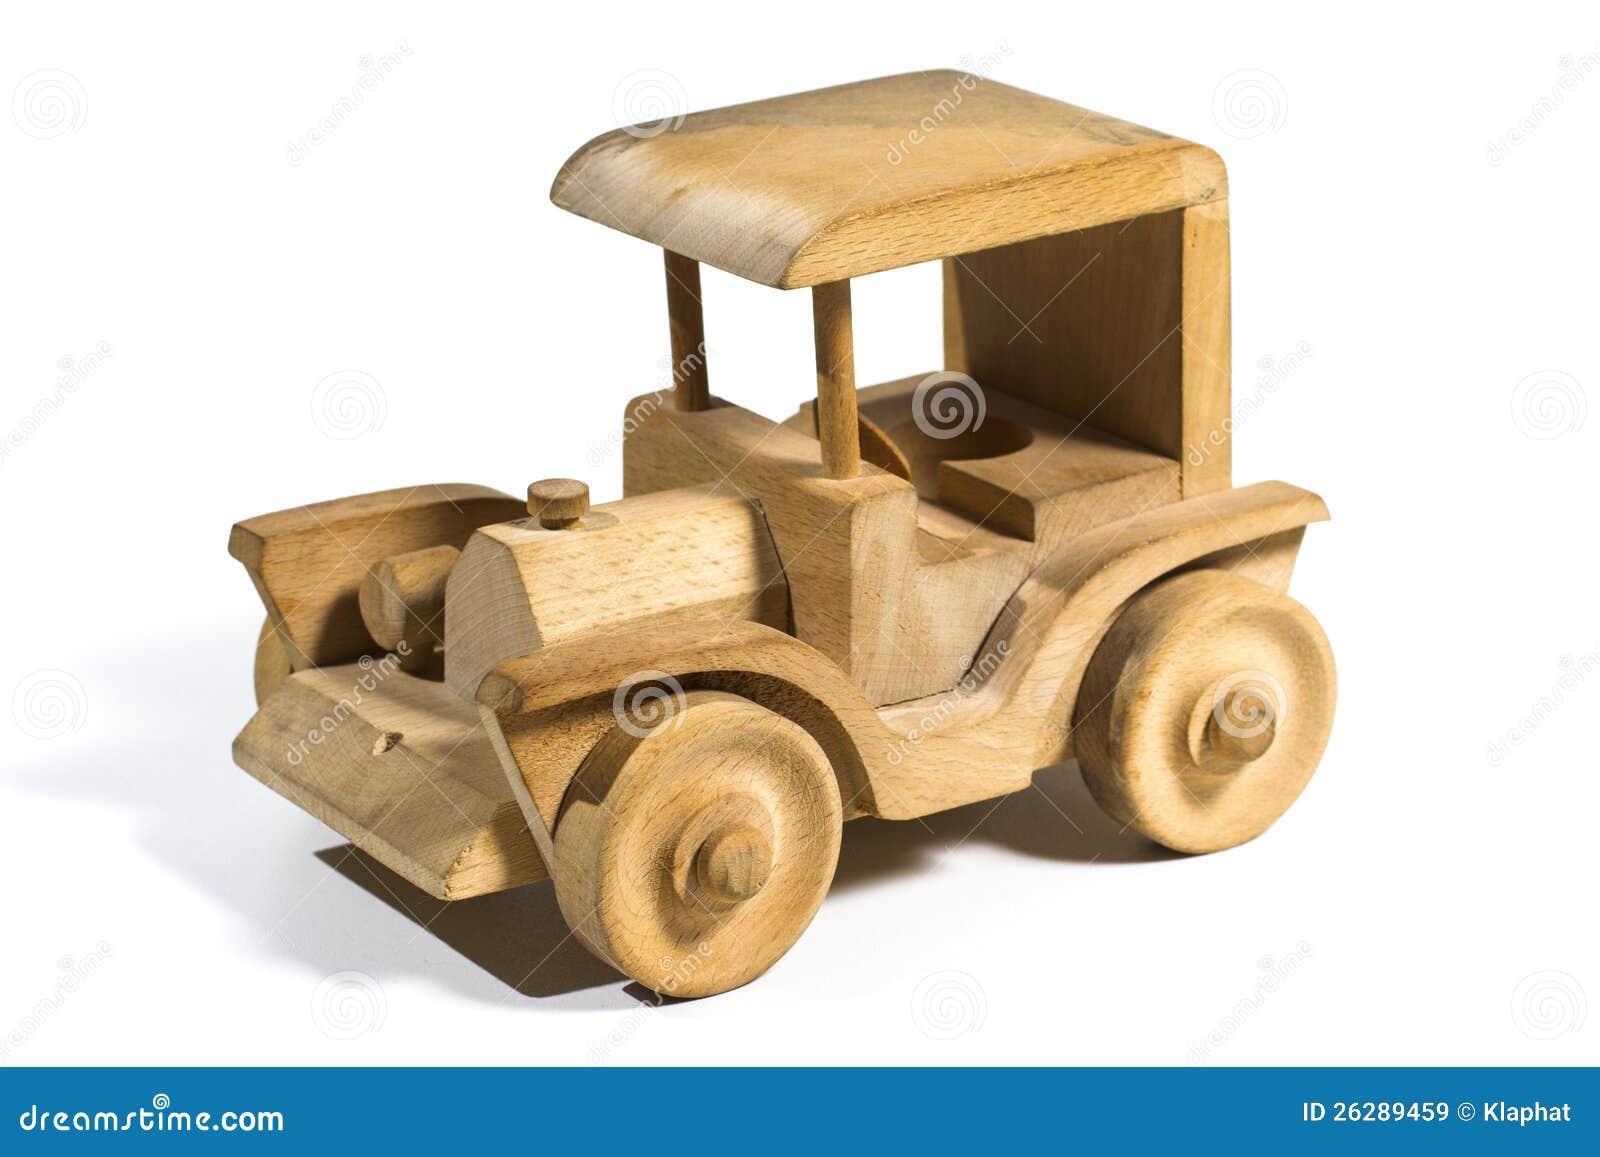 Старинные игрушки из дерева 7 фотография